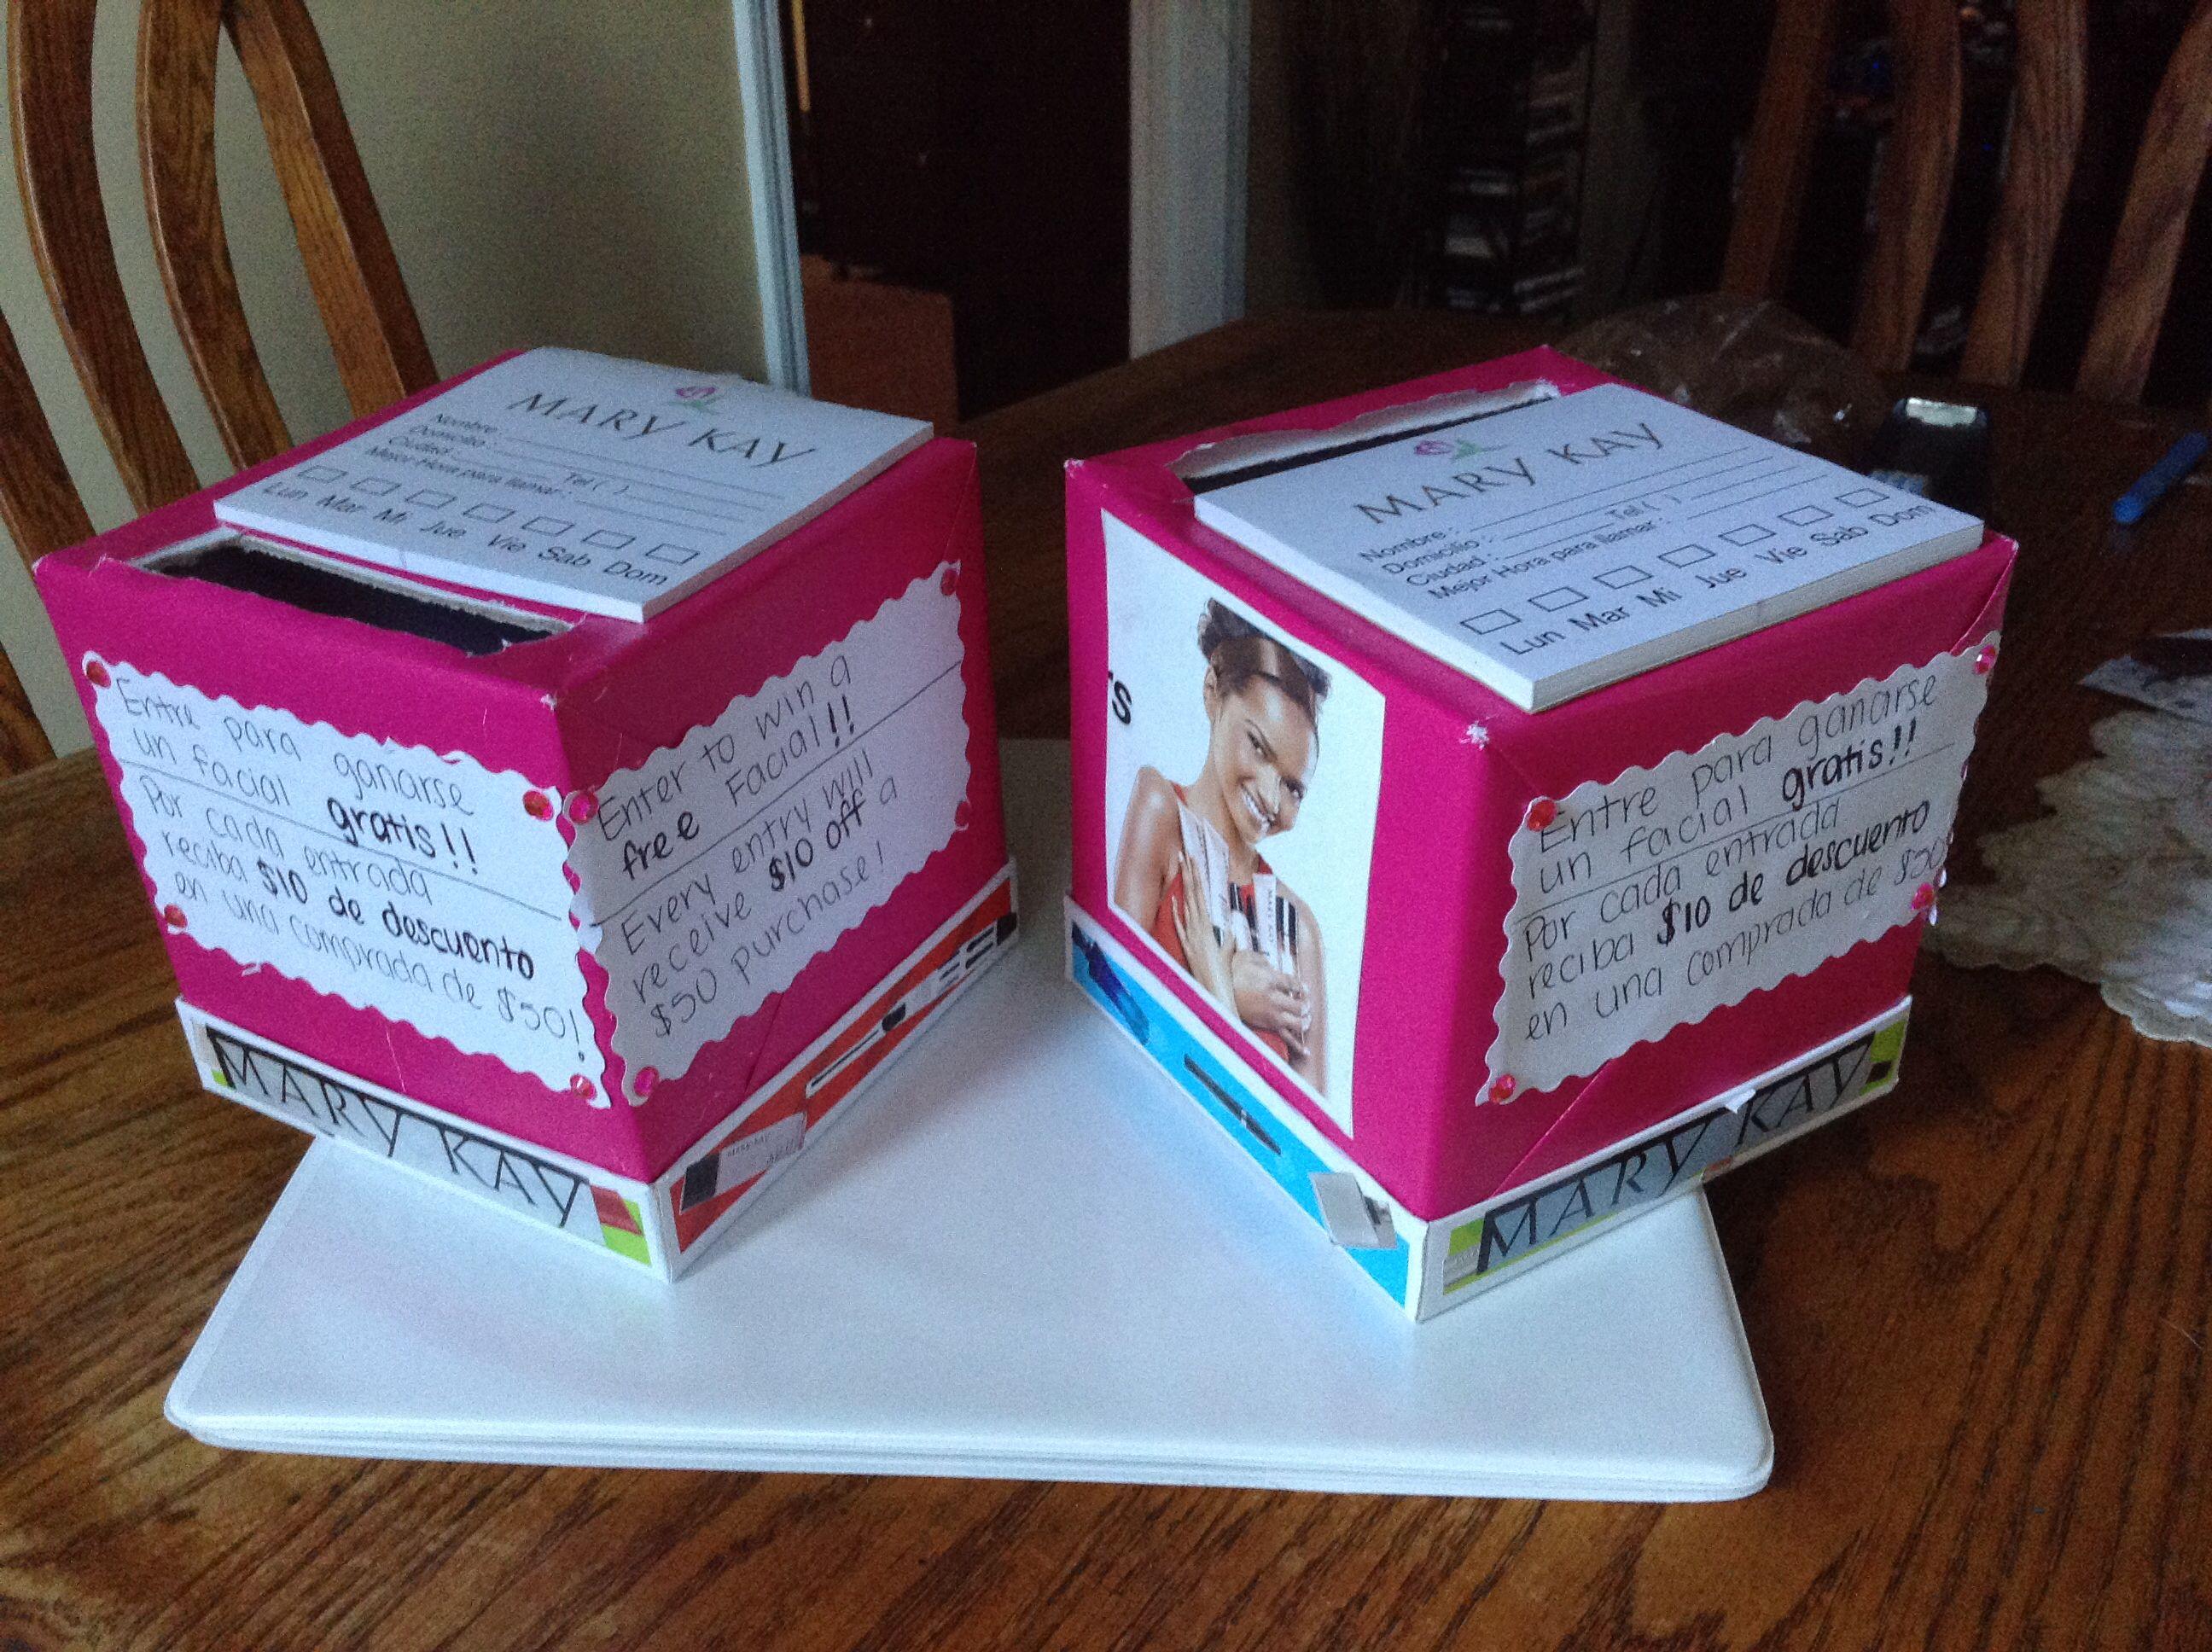 Mary kay facial box purses pinterest mary kay mary kay mary kay facial box ccuart Images